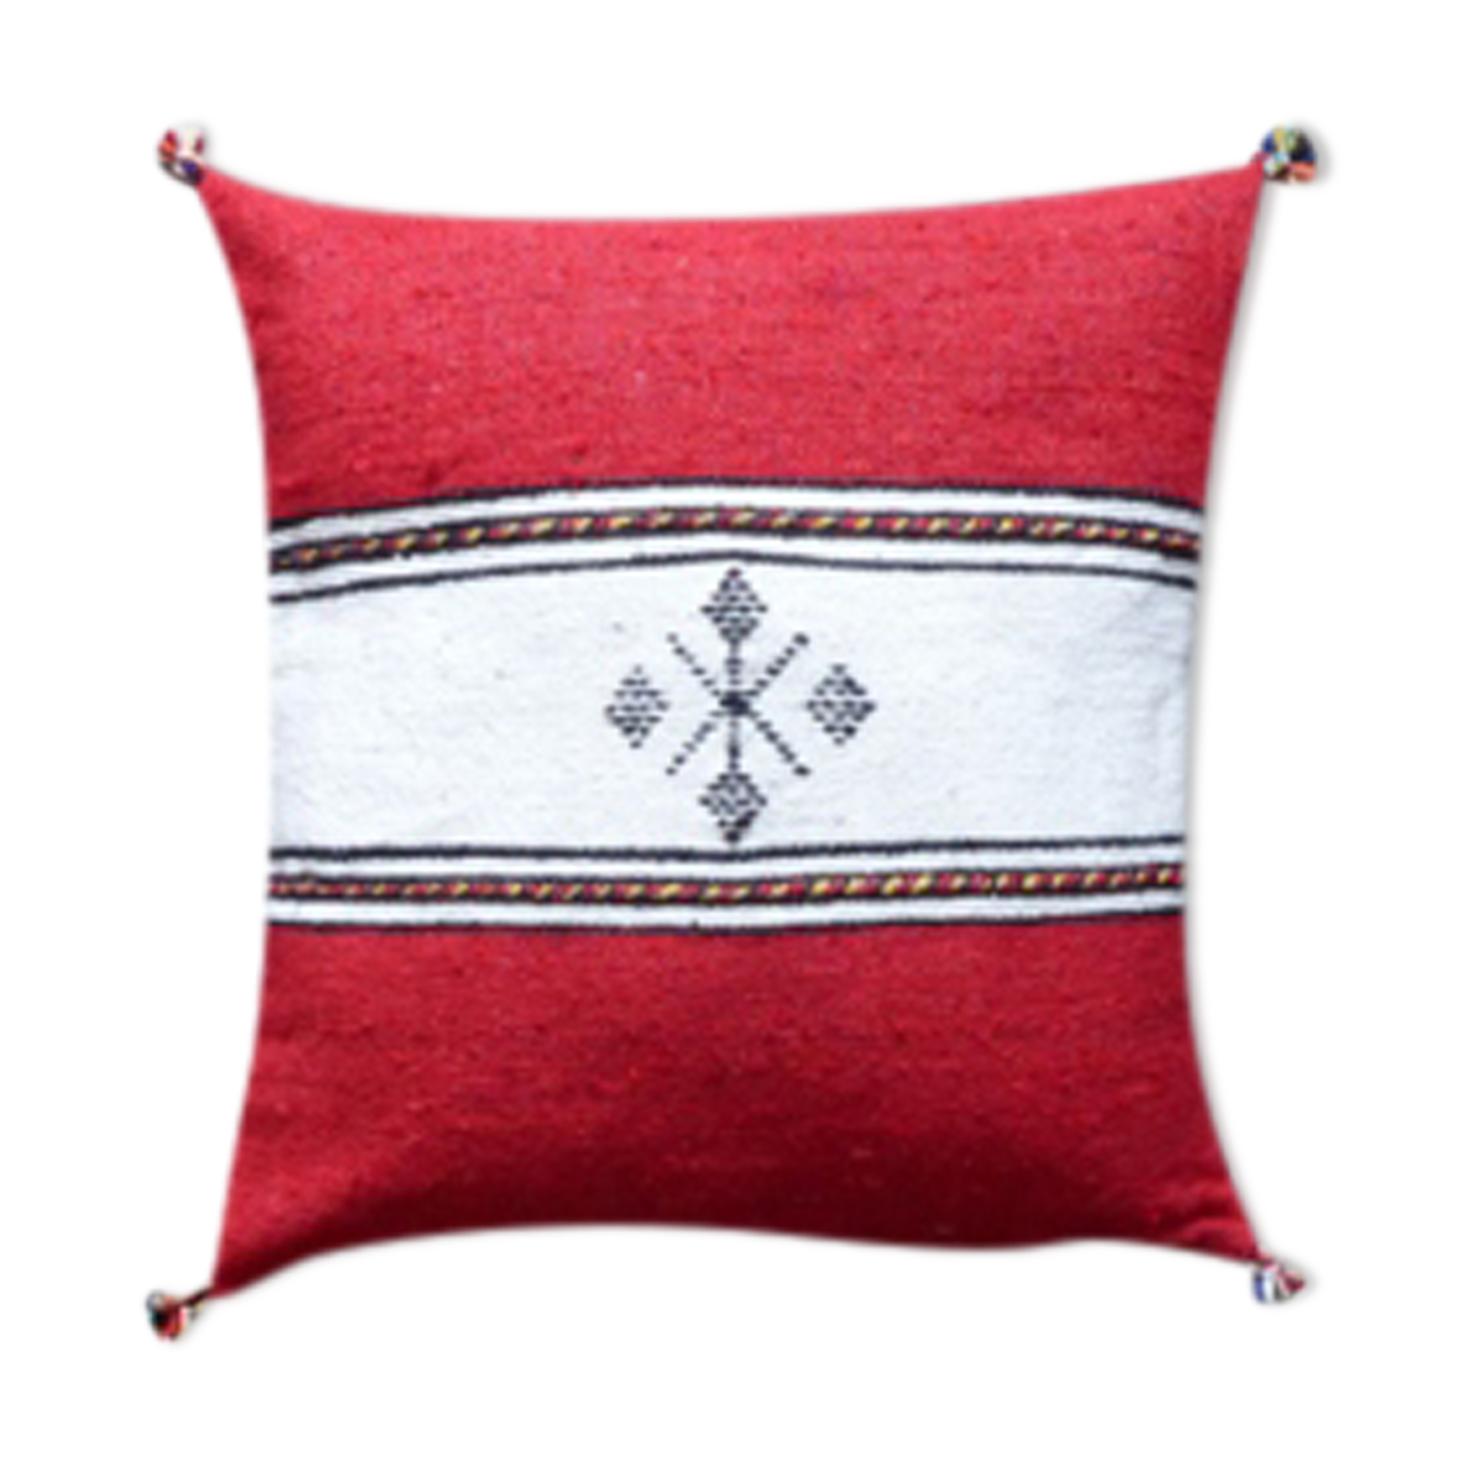 Coussin berbère marocain rouge et blanc